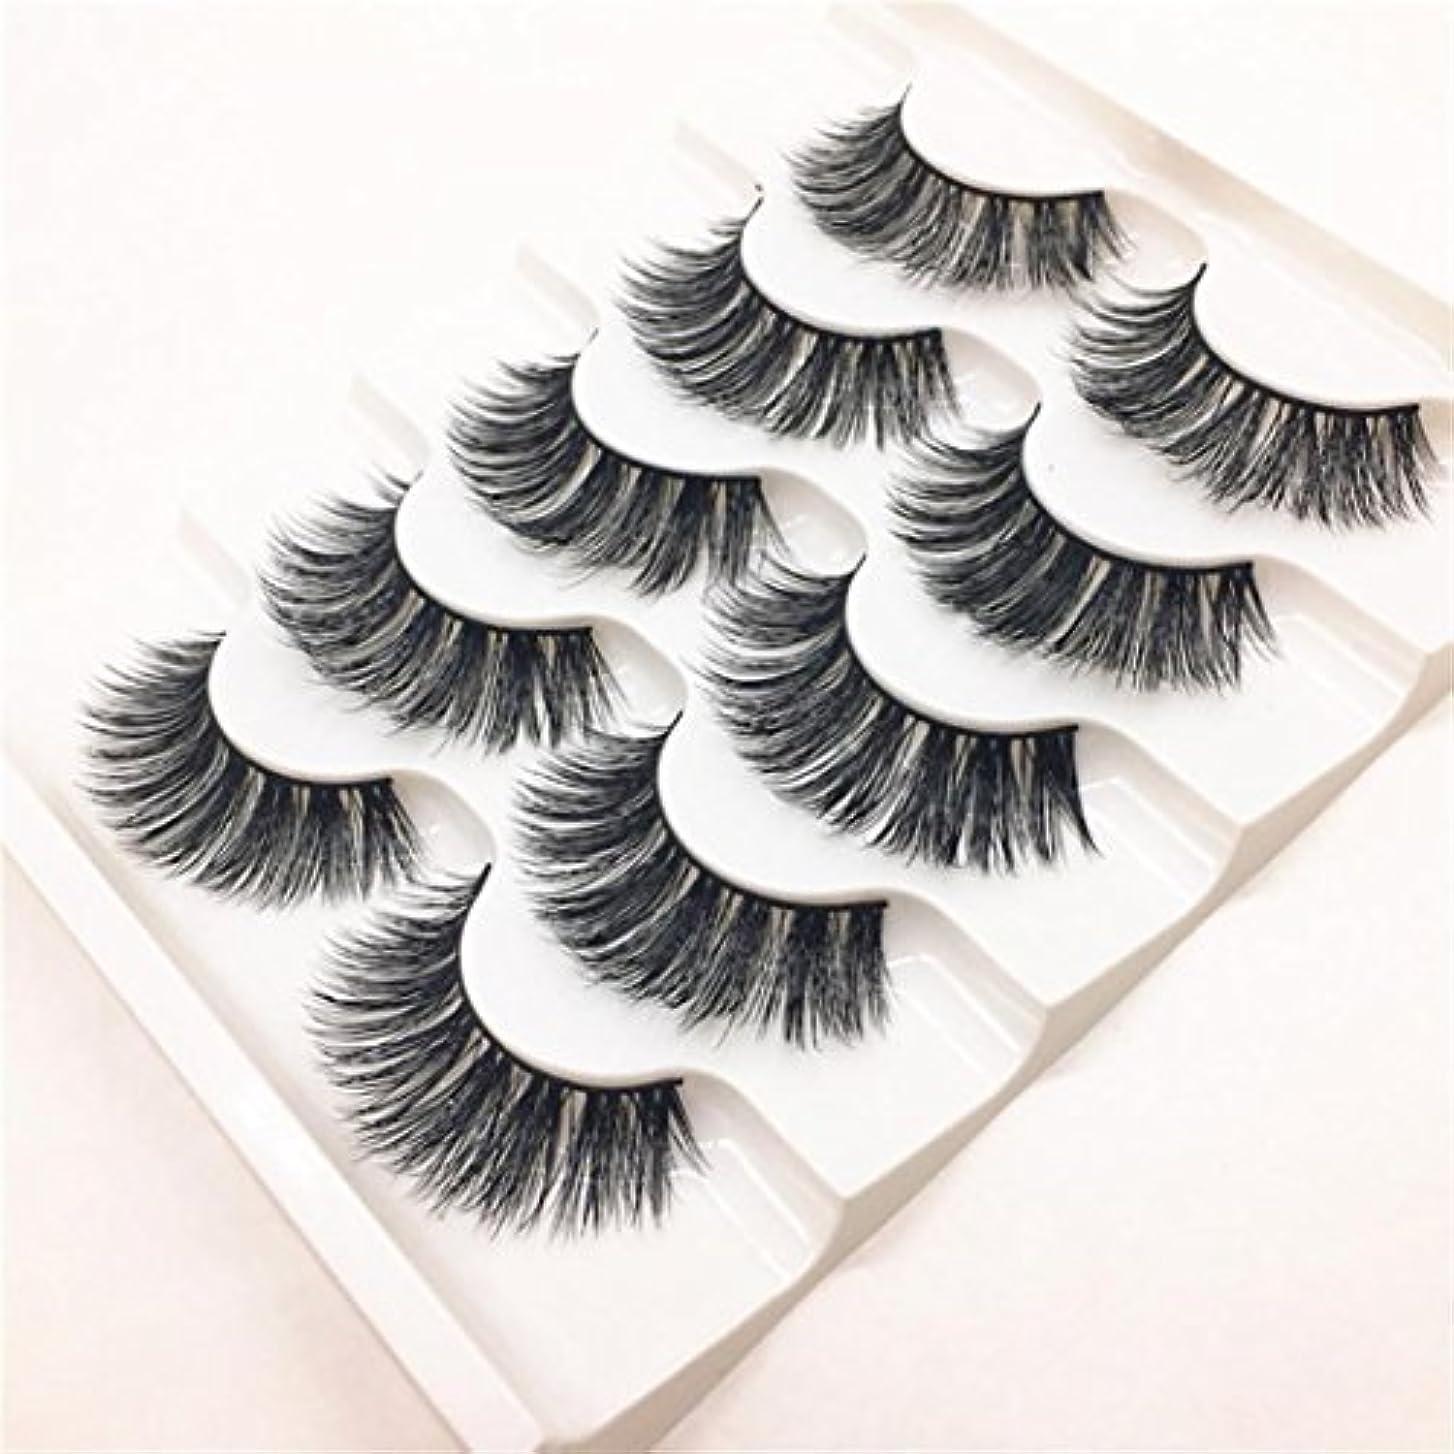 天気統合ナットFeteso 5ペア つけまつげ 上まつげ Eyelashes アイラッシュ ビューティー まつげエクステ レディース 化粧ツール アイメイクアップ 人気 ナチュラル 飾り 柔らかい 装着簡単 綺麗 濃密 再利用可能